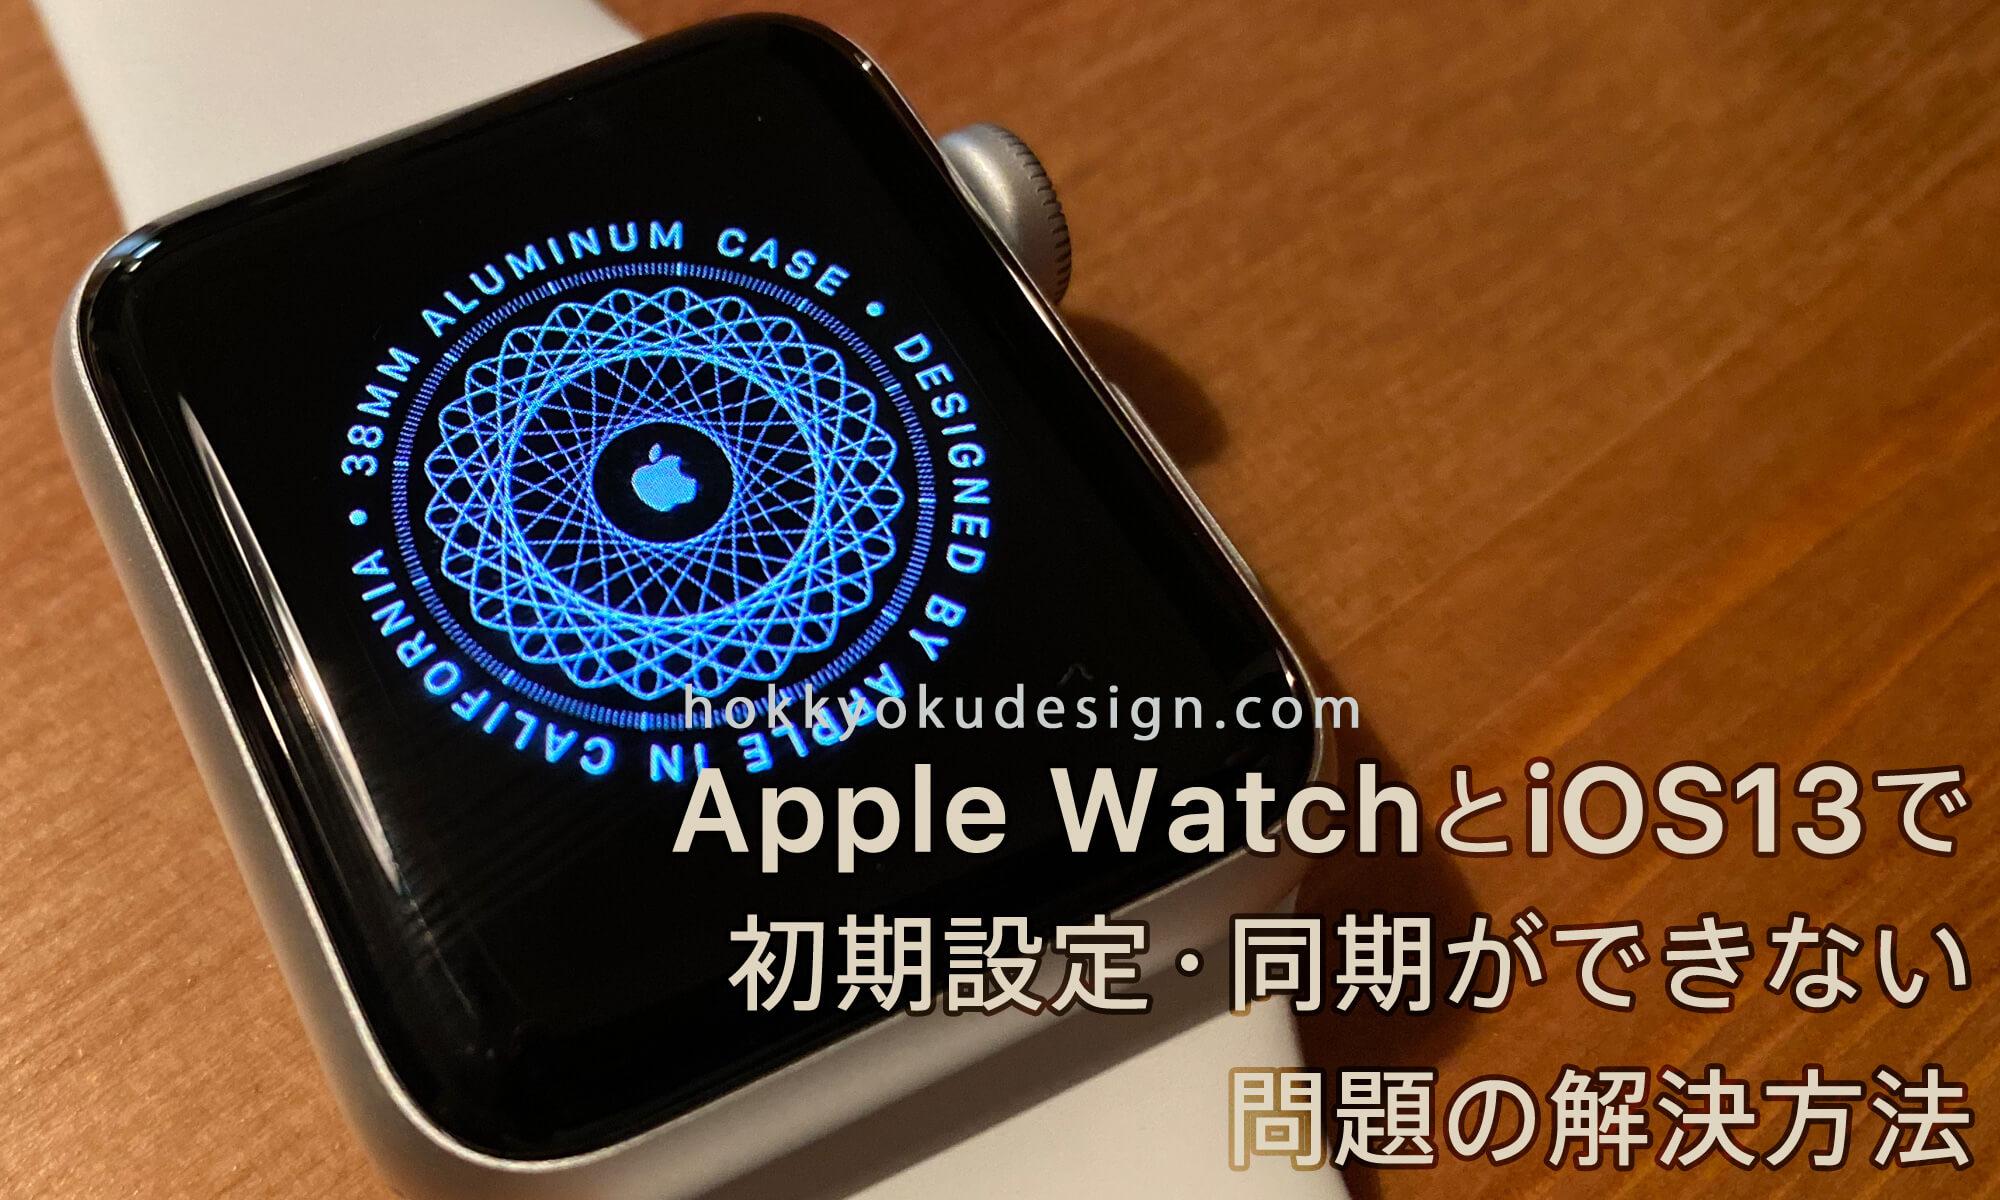 Apple Watchとios13で初期設定 同期ができない問題の解決方法 Ios Calendar Blog